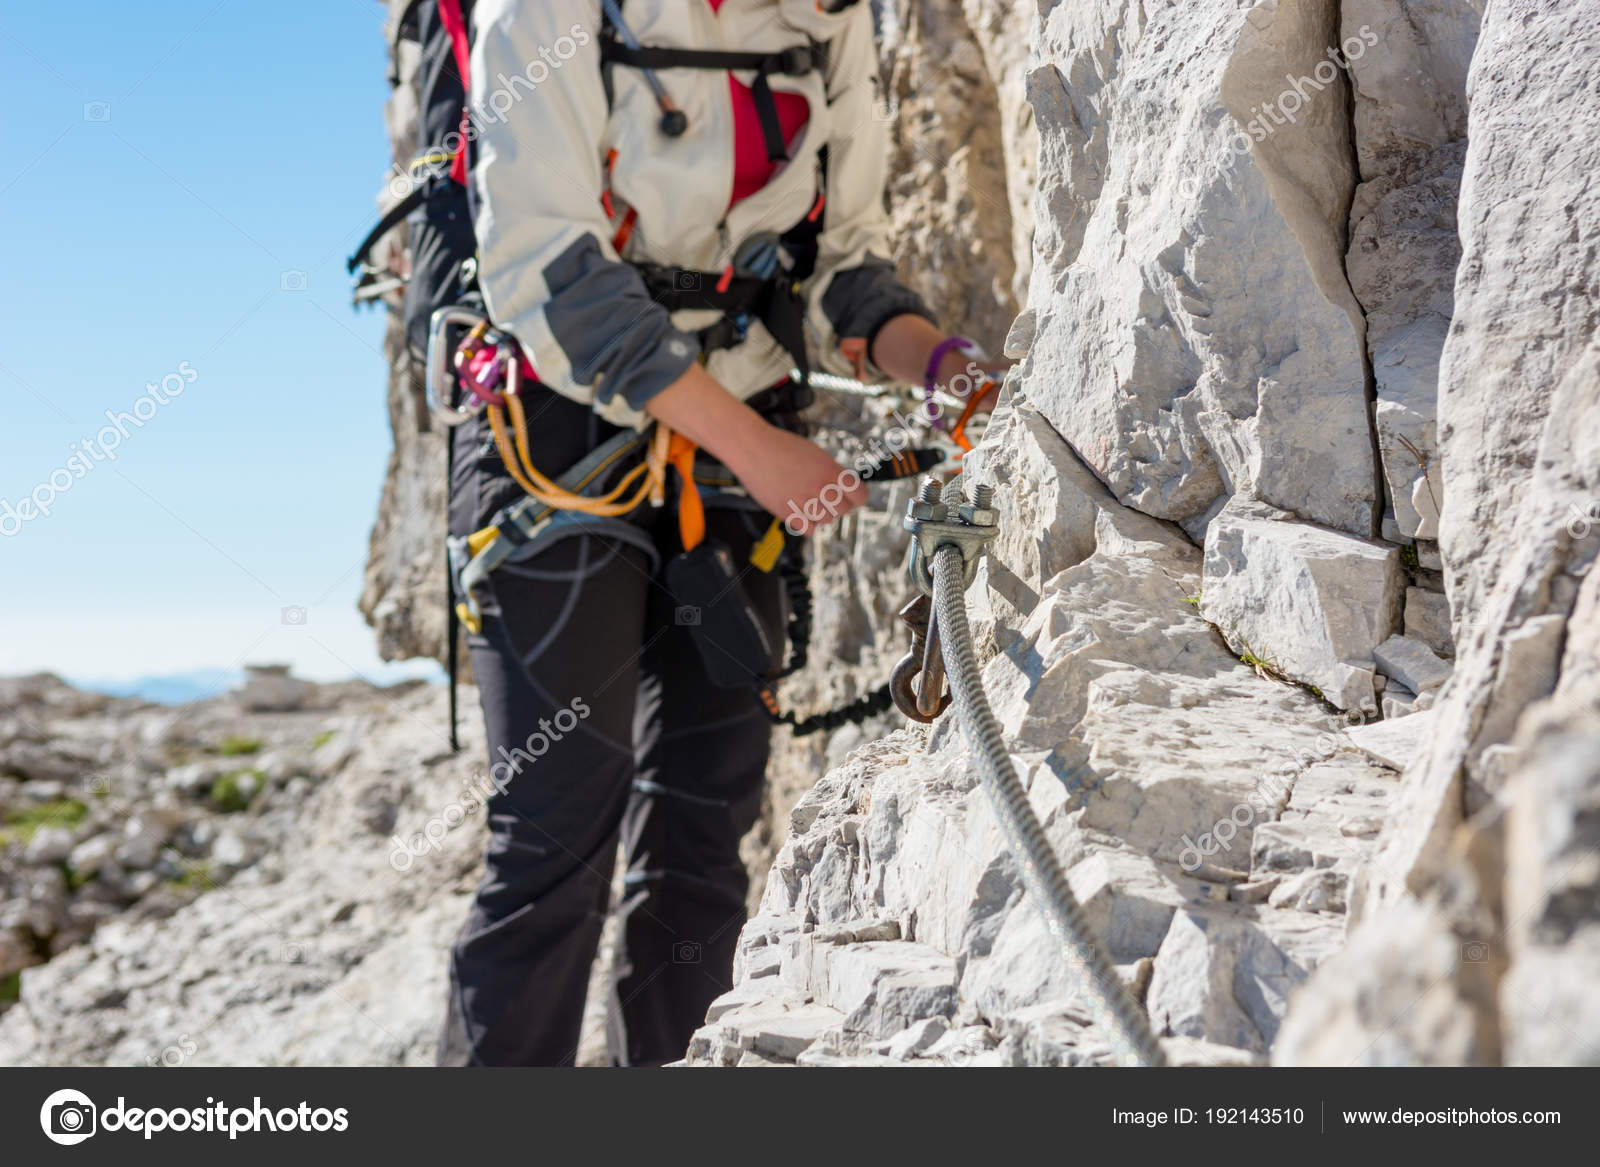 Y Set Klettersteig : Nahaufnahme des weiblichen kletterer klettersteig befestigung set